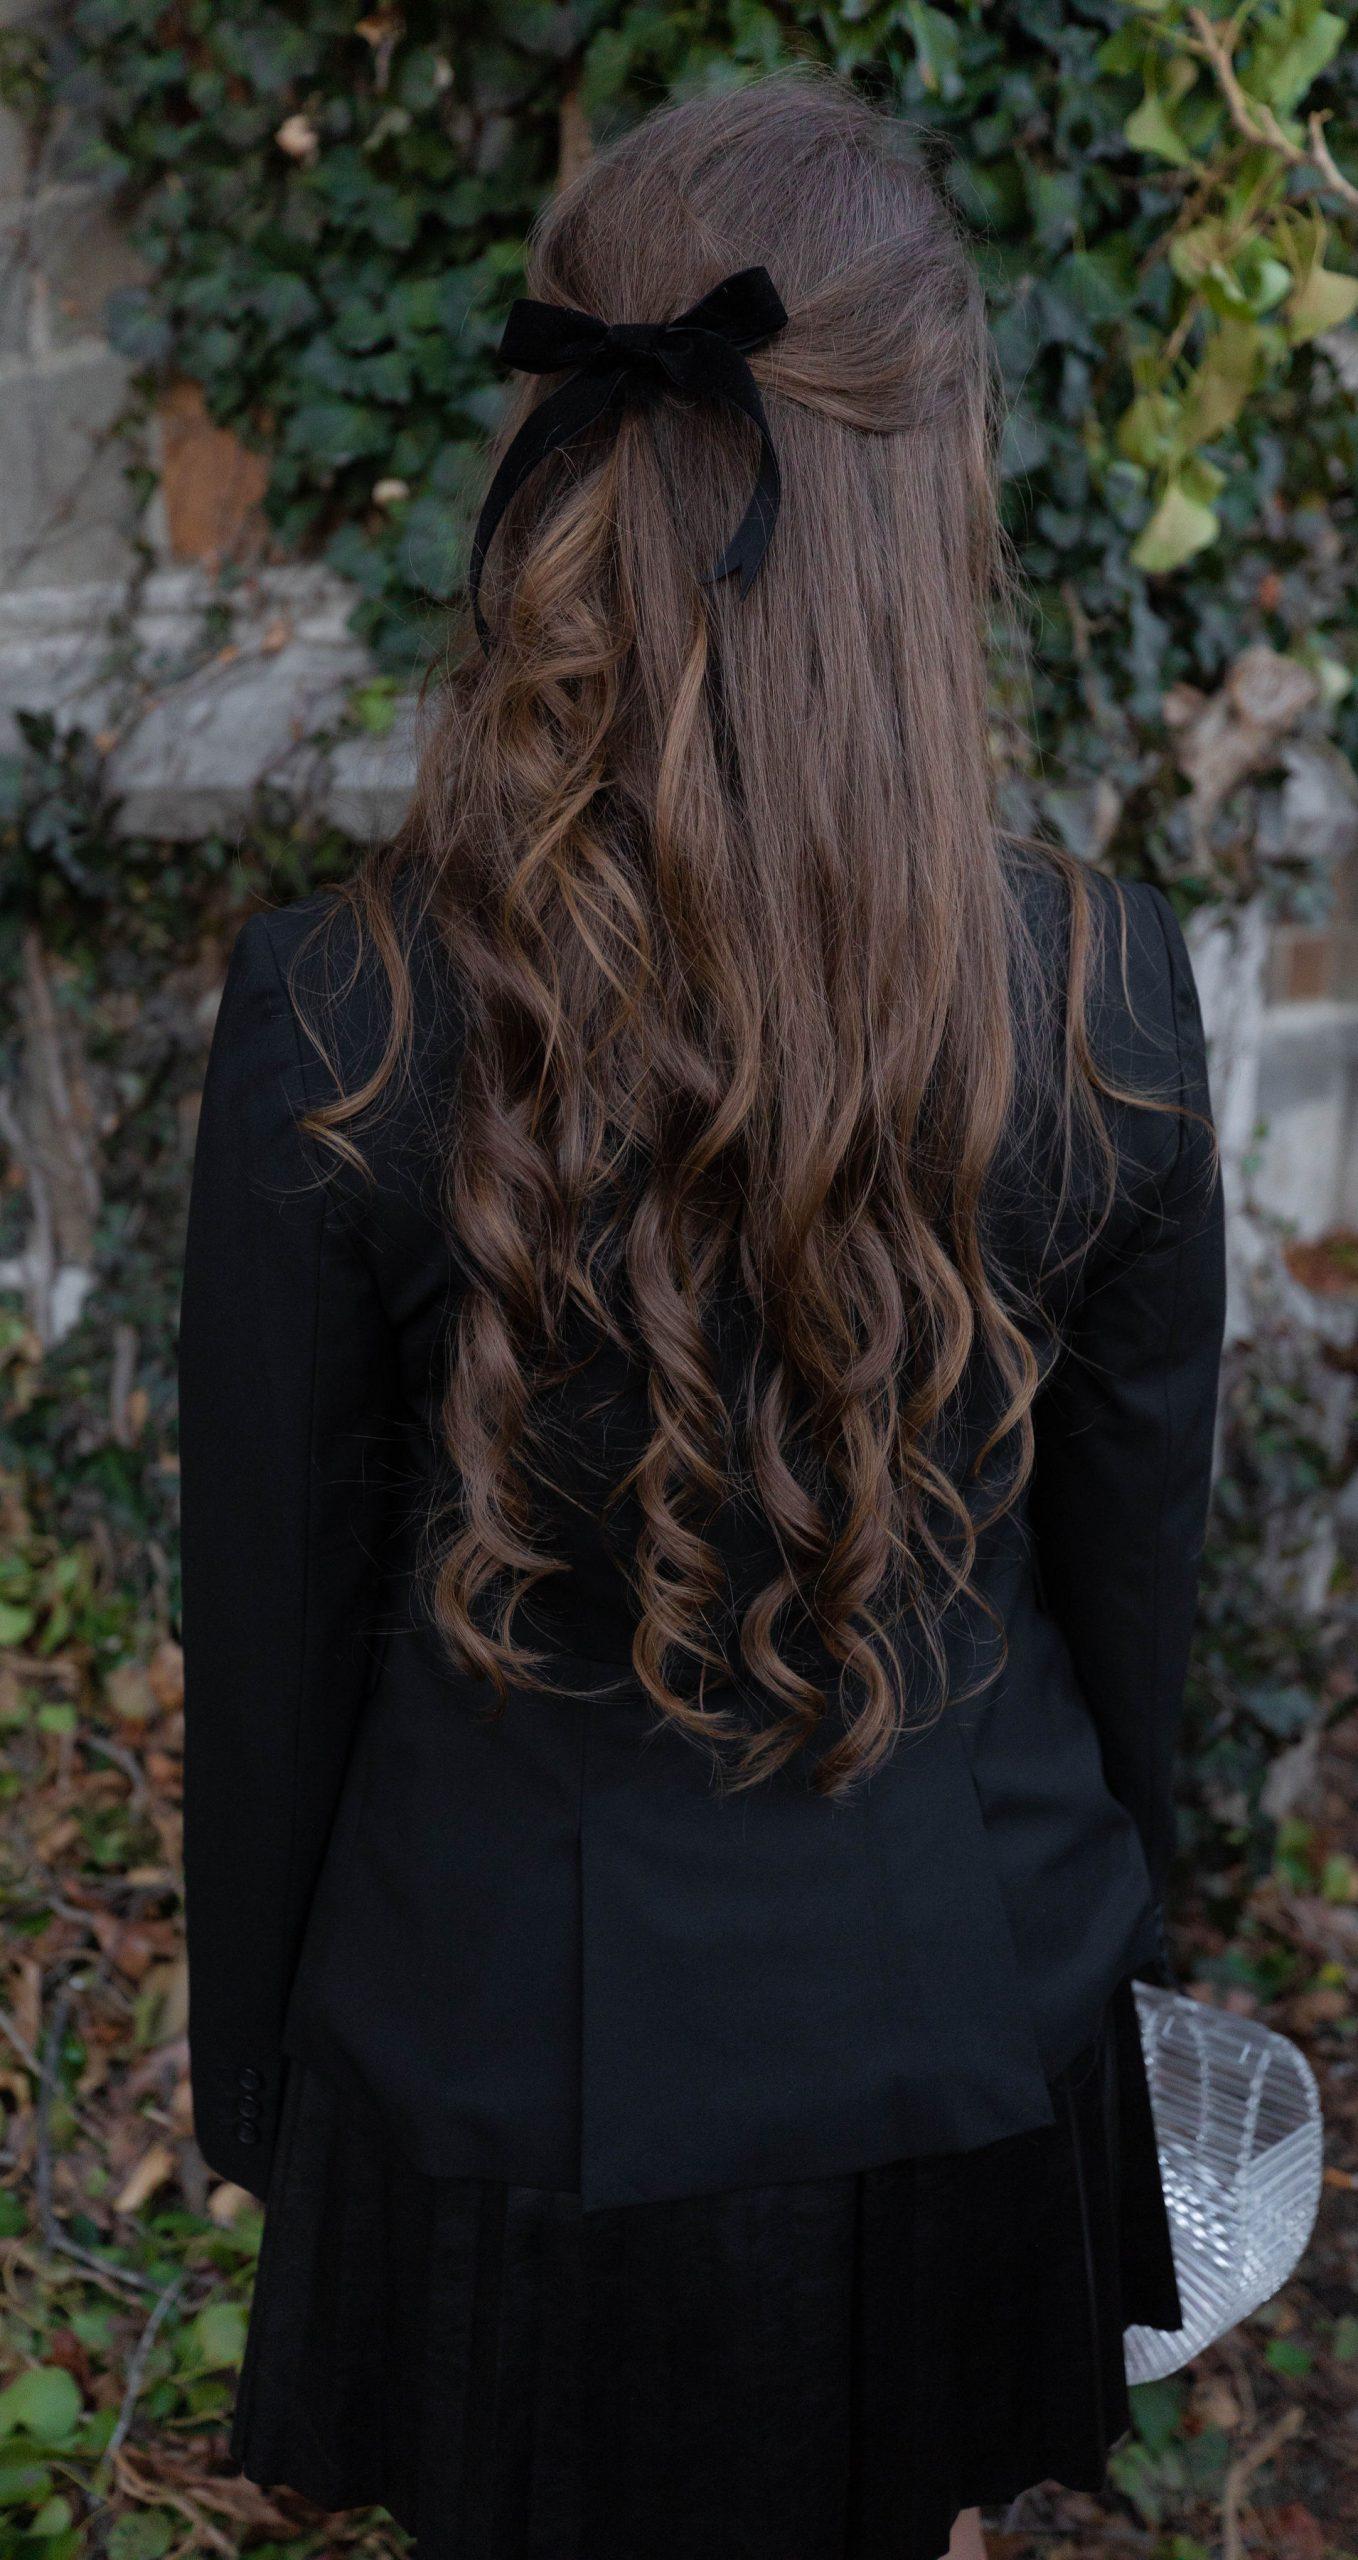 Curly Hair with a Handmade Black Velvet Hair Bow